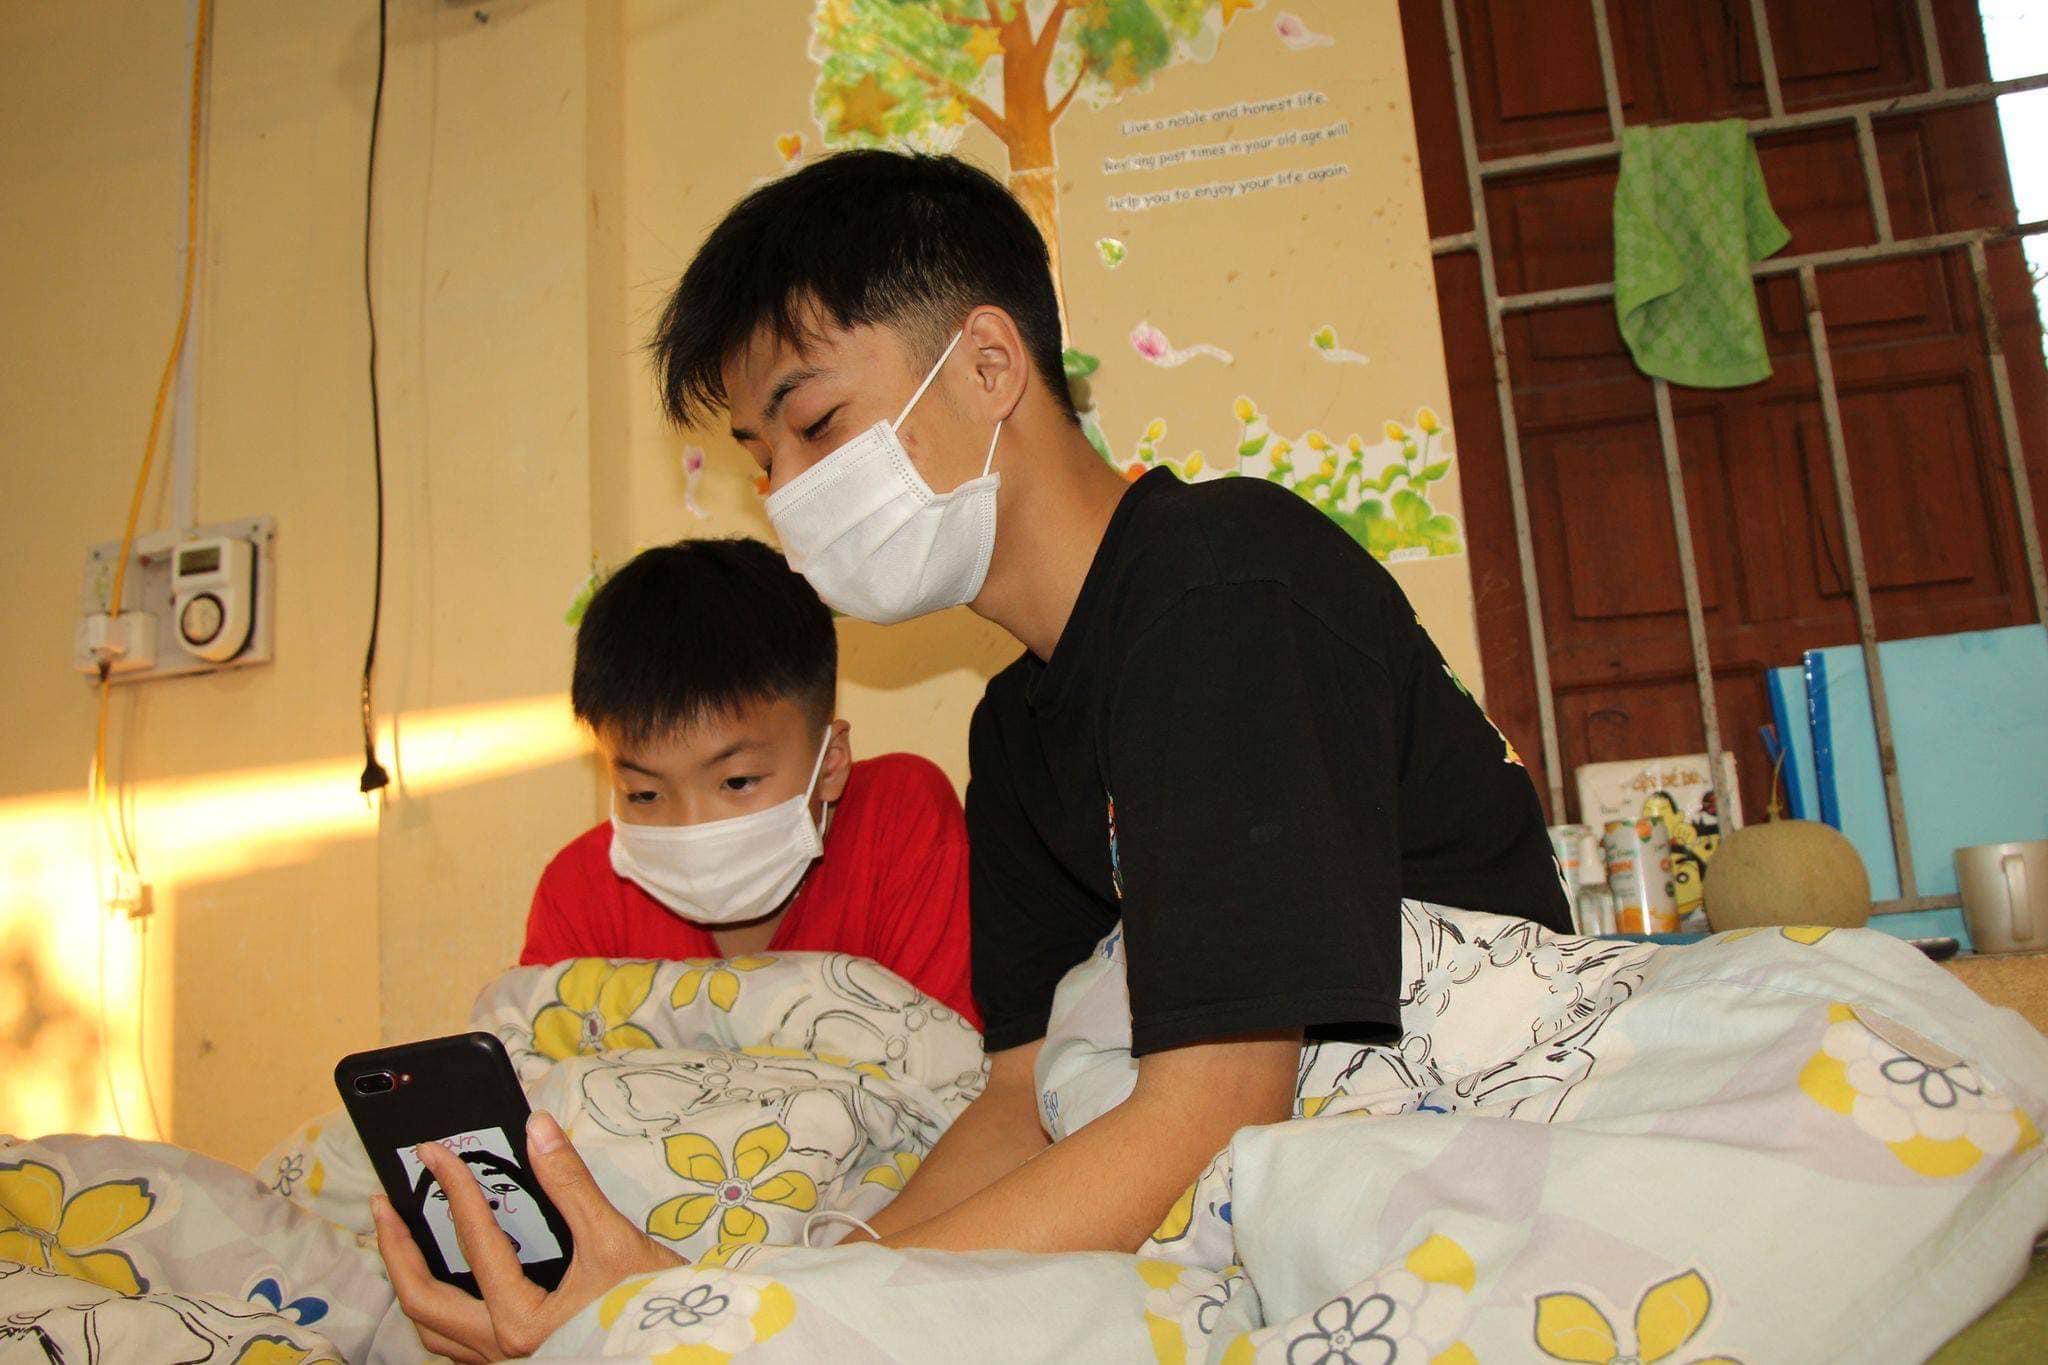 Vĩnh Phúc, Hưng Yên, Quảng Nam cho học sinh toàn tỉnh tạm dừng đến trường - 1